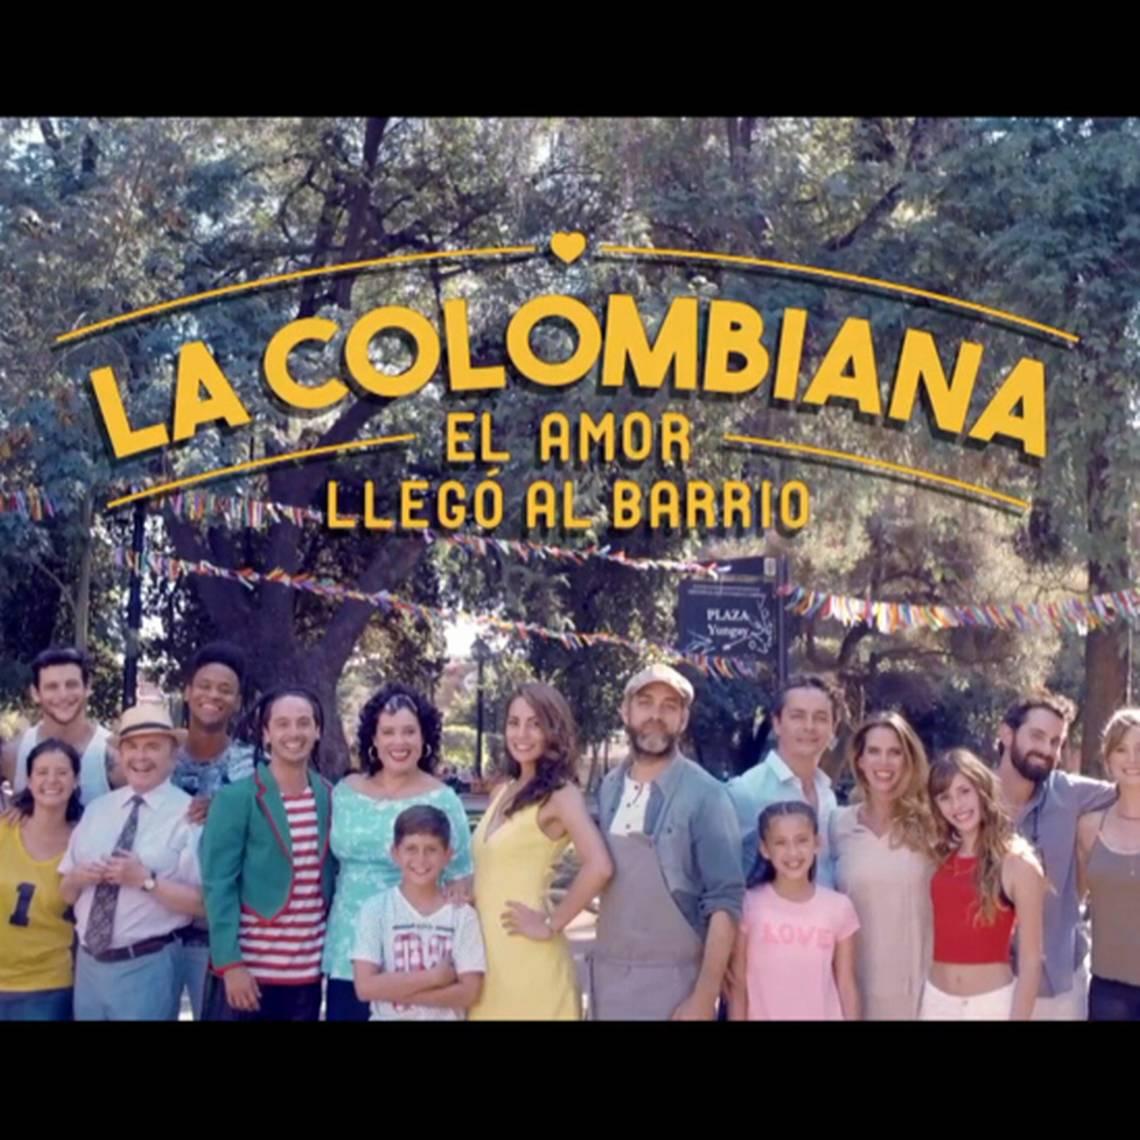 La Colombiana: el amor llegó al barrio